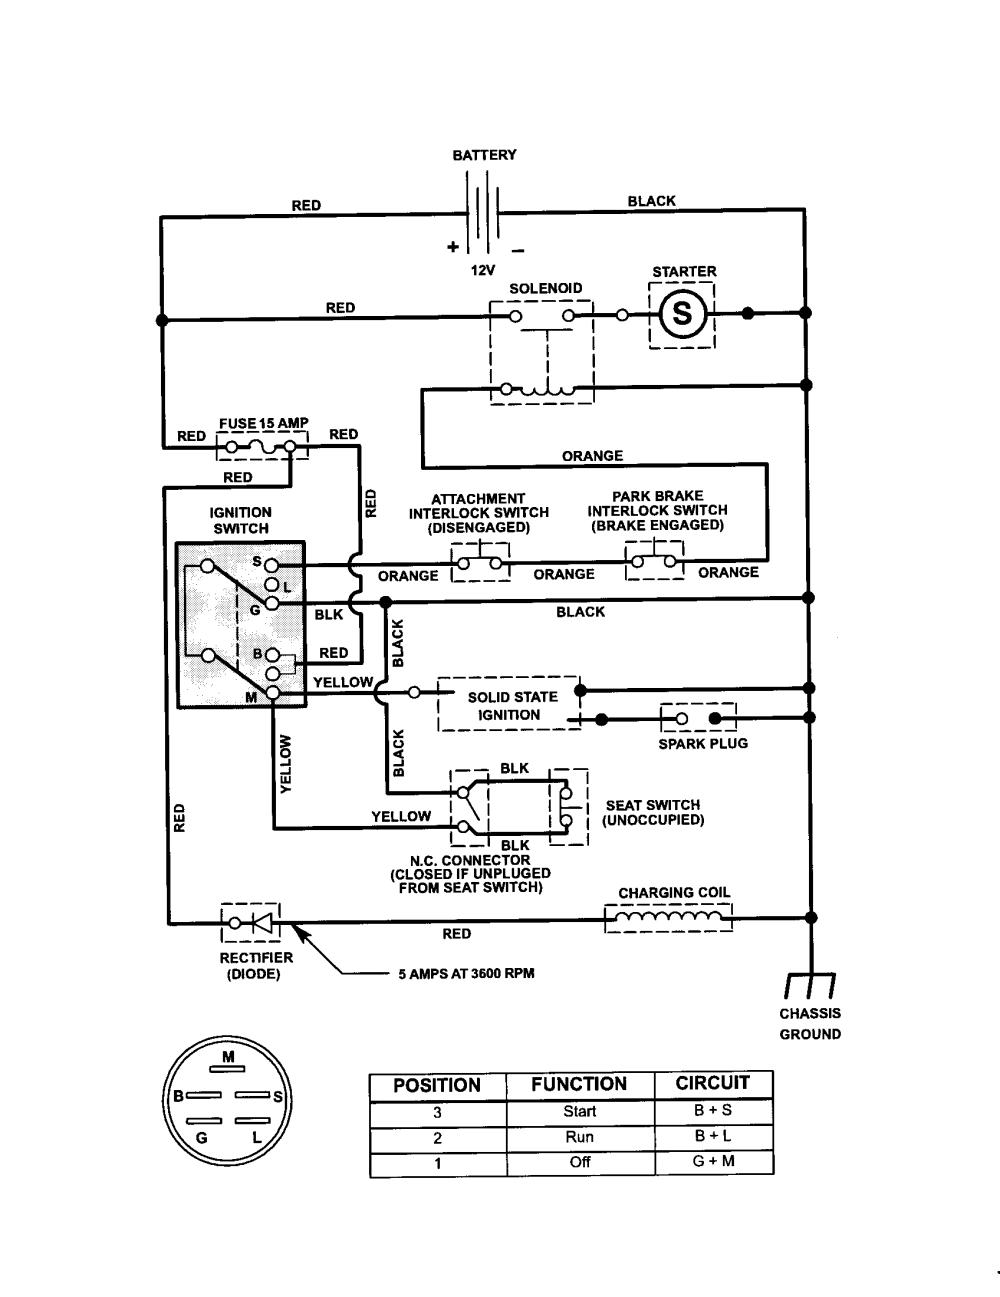 medium resolution of craftsman riding mower electrical diagram pictures of craftsman riding mower electrical diagram